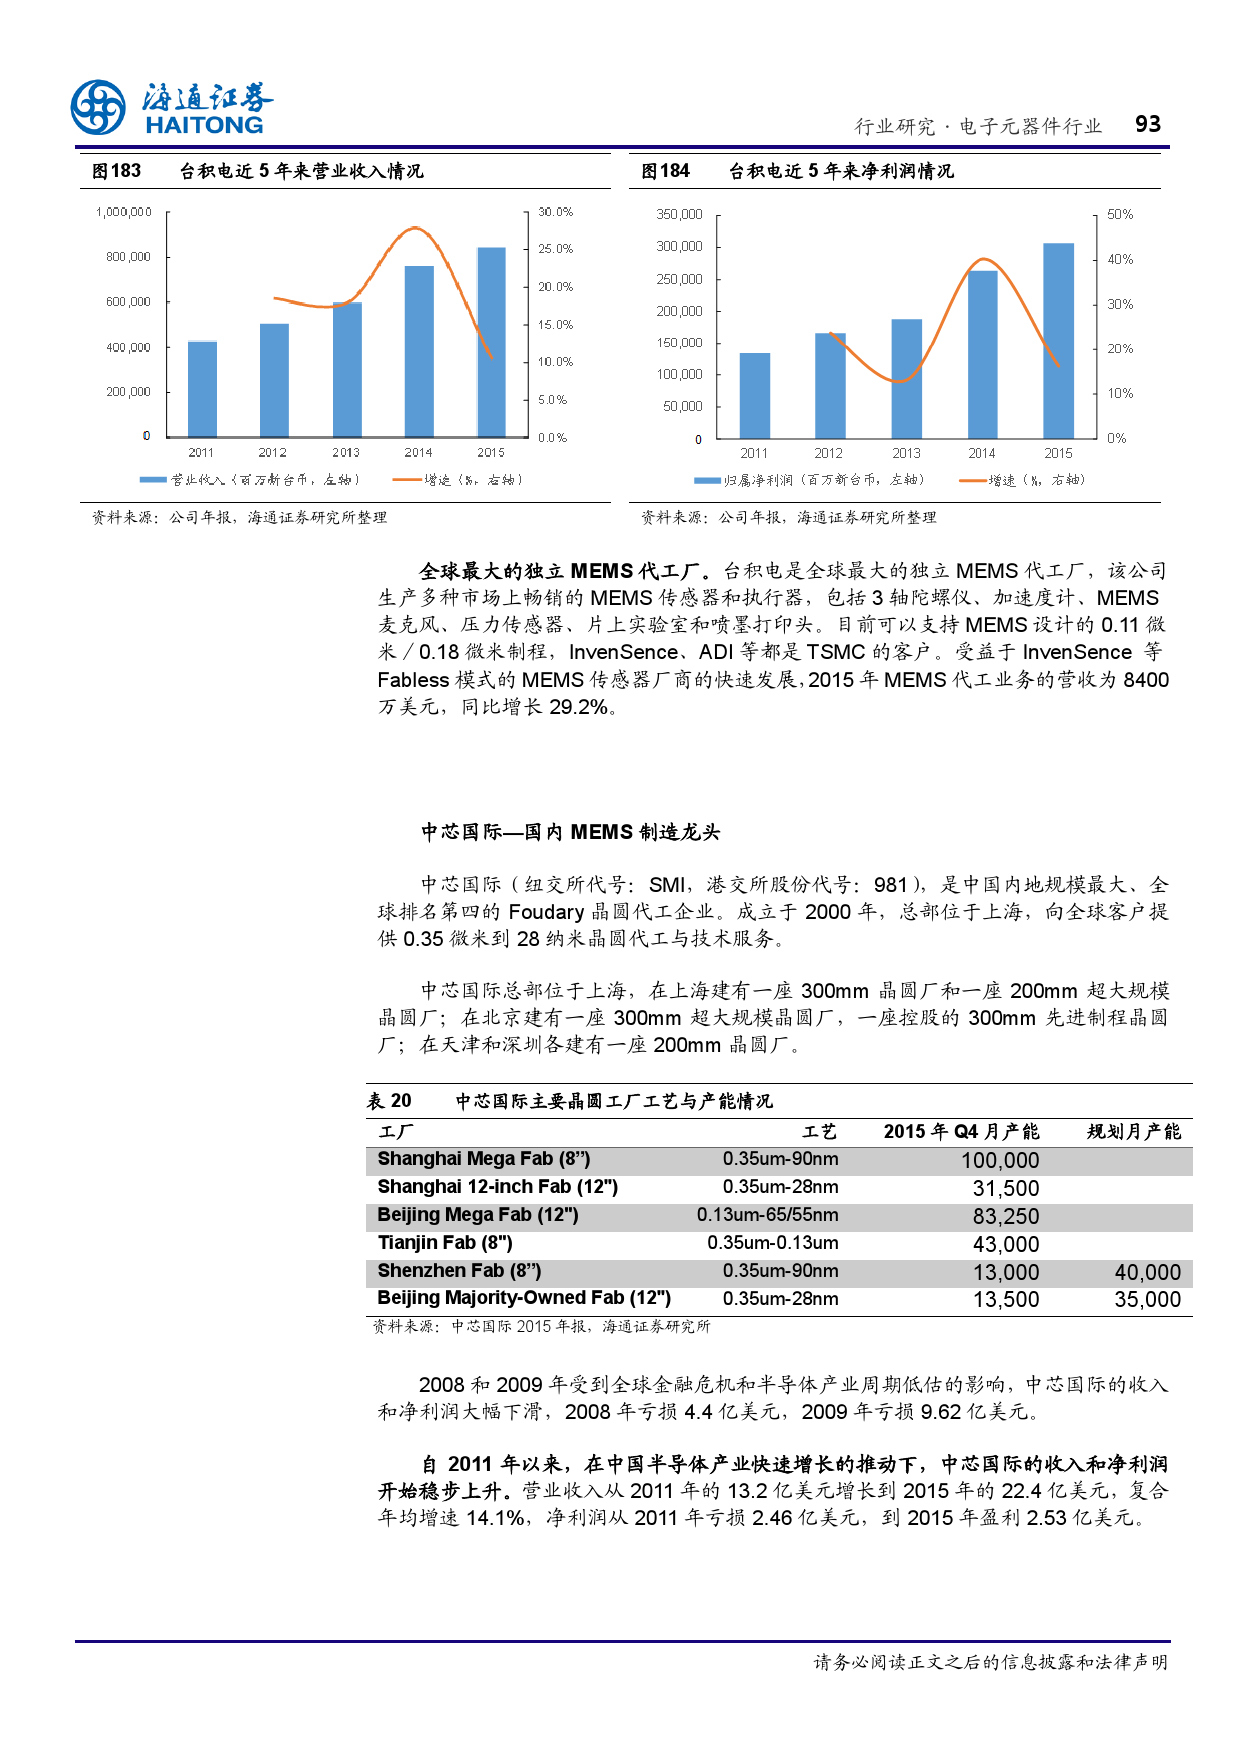 报告全解传感器全球产业链_000093